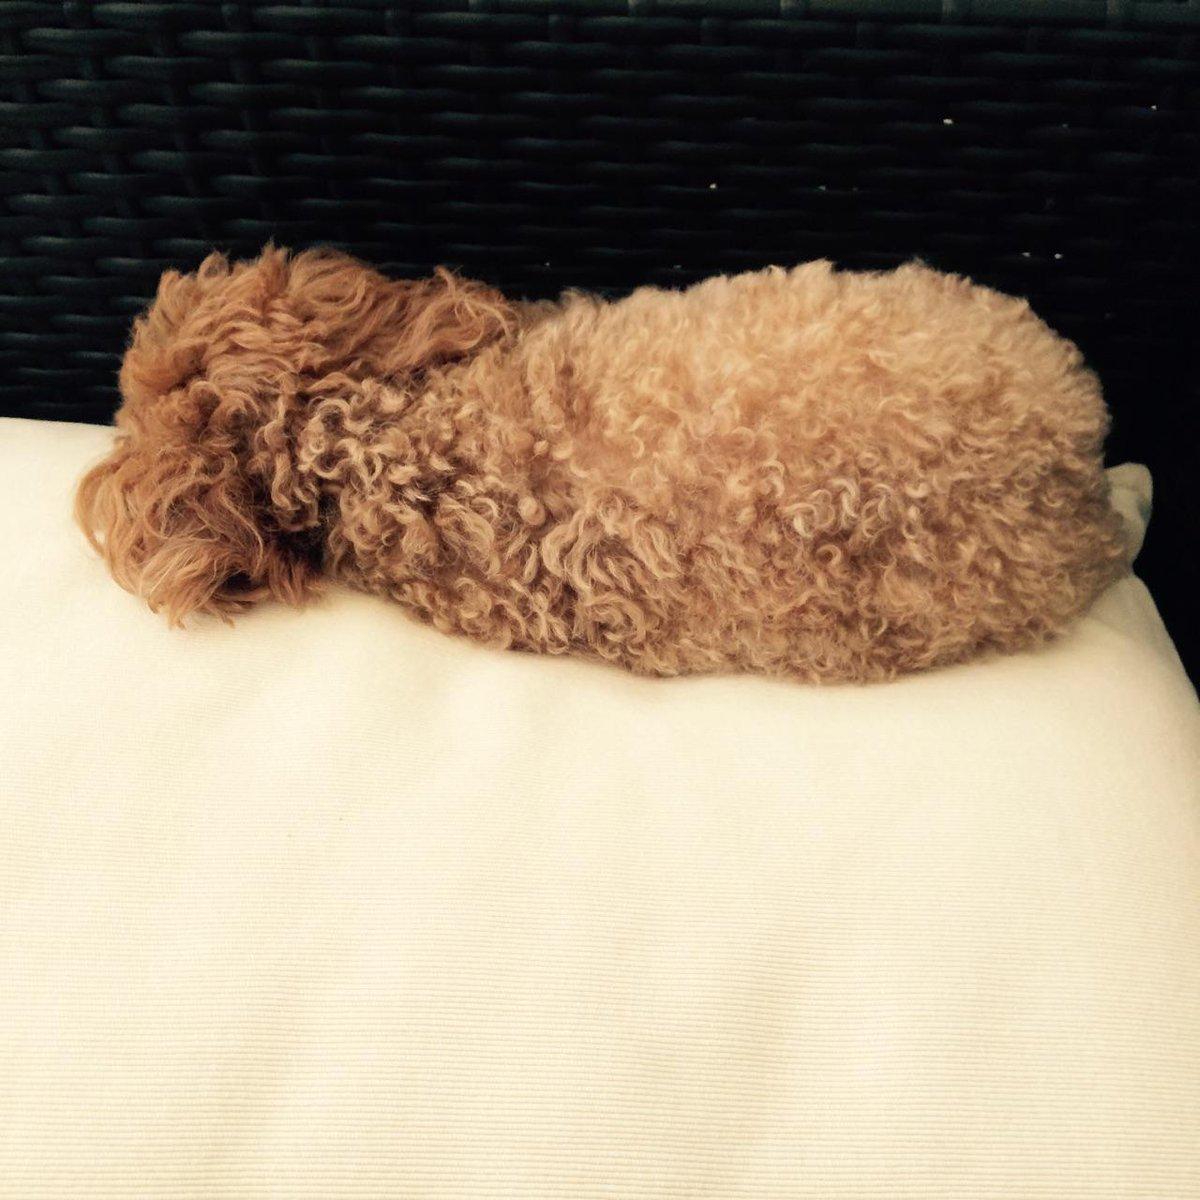 雨で散歩行けないから、ふて寝する犬→ pic.twitter.com/lud8rie7wl